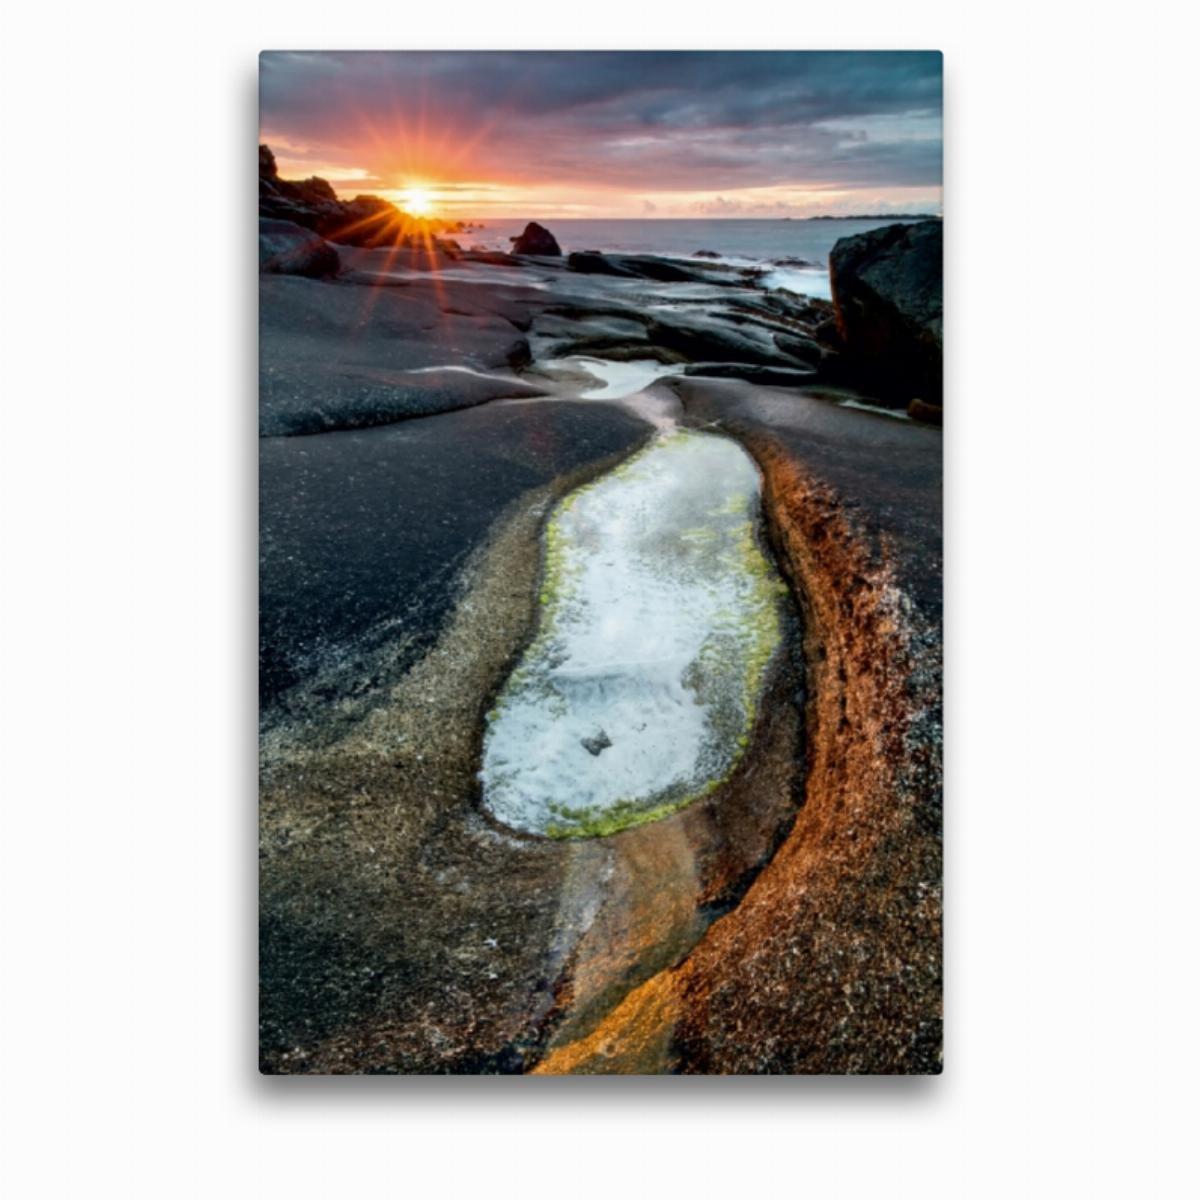 Calvendo Premium Textil-Leinwand 50 cm x x x 75 cm hoch Strand im Sonnenuntergang bei Utakleiv (Lofoten)   Wandbild, Bild auf Keilrahmen, Fertigbild auf Echter auf den Lofoten in Norwegen Orte Orte f854c9